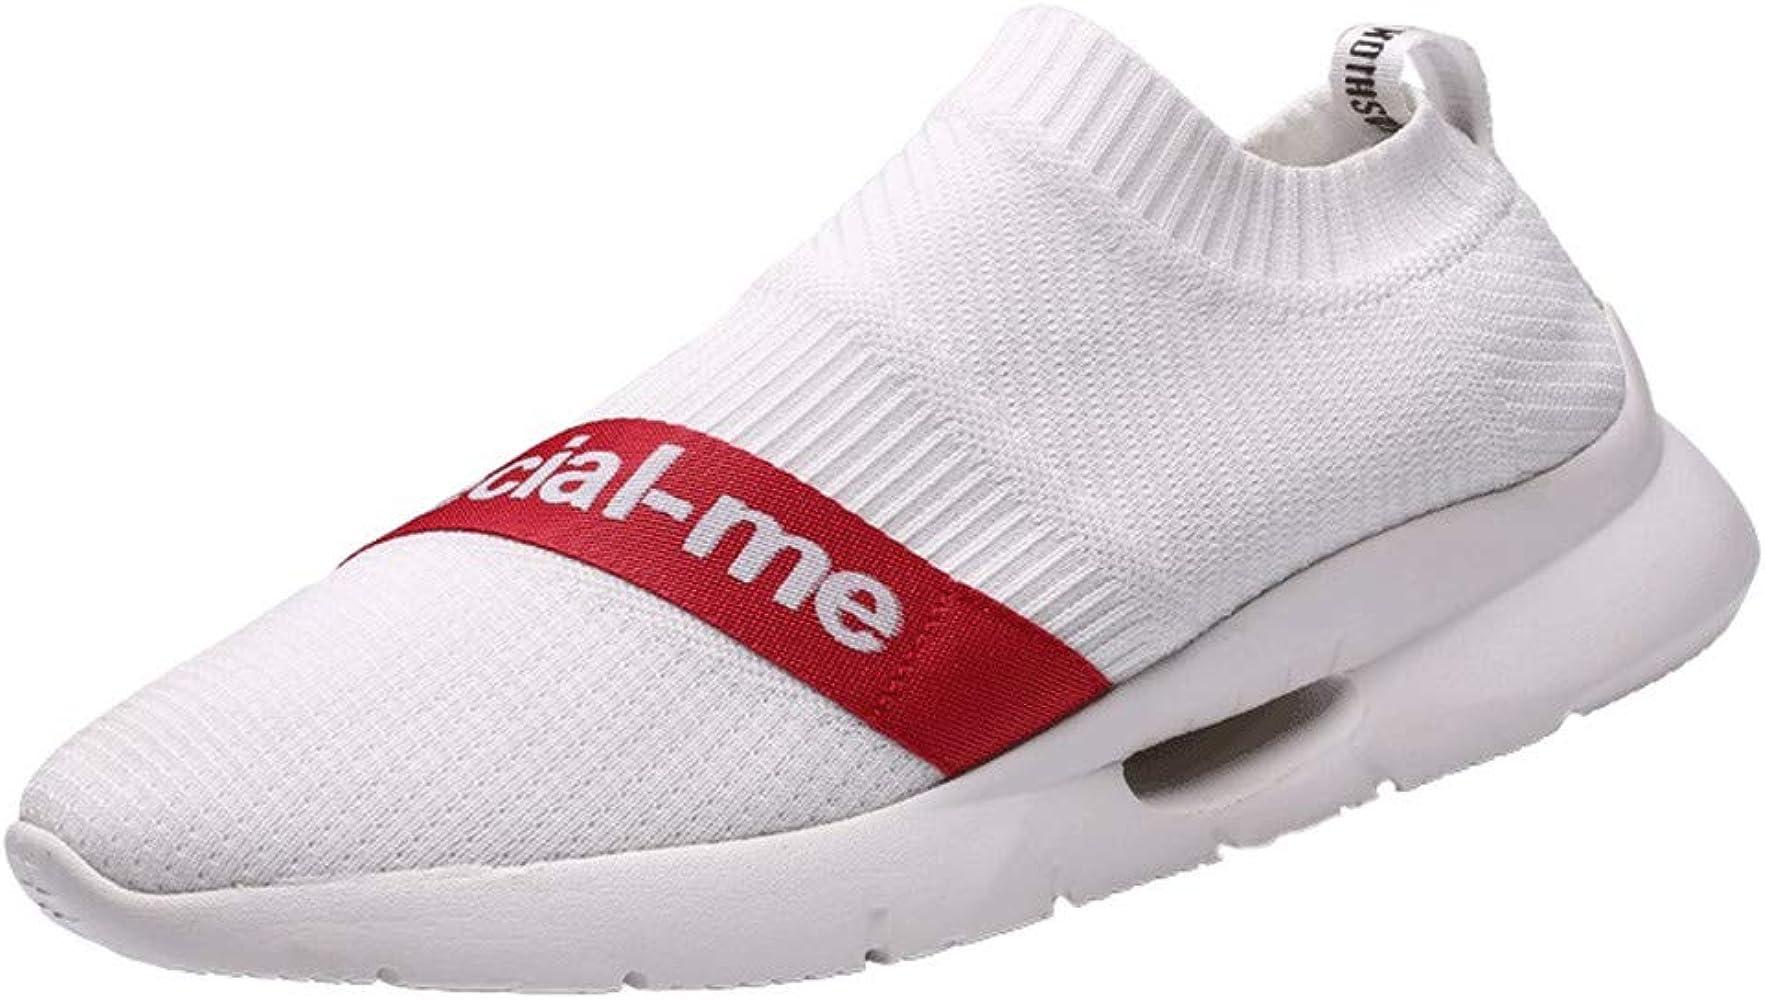 beautyjourney Zapatillas sin Cordones para Hombre Zapatillas Tejidas voladoras Zapatos para Correr Zapato de Verano Zapatos Ligeros Transpirables de Ocio: Amazon.es: Ropa y accesorios